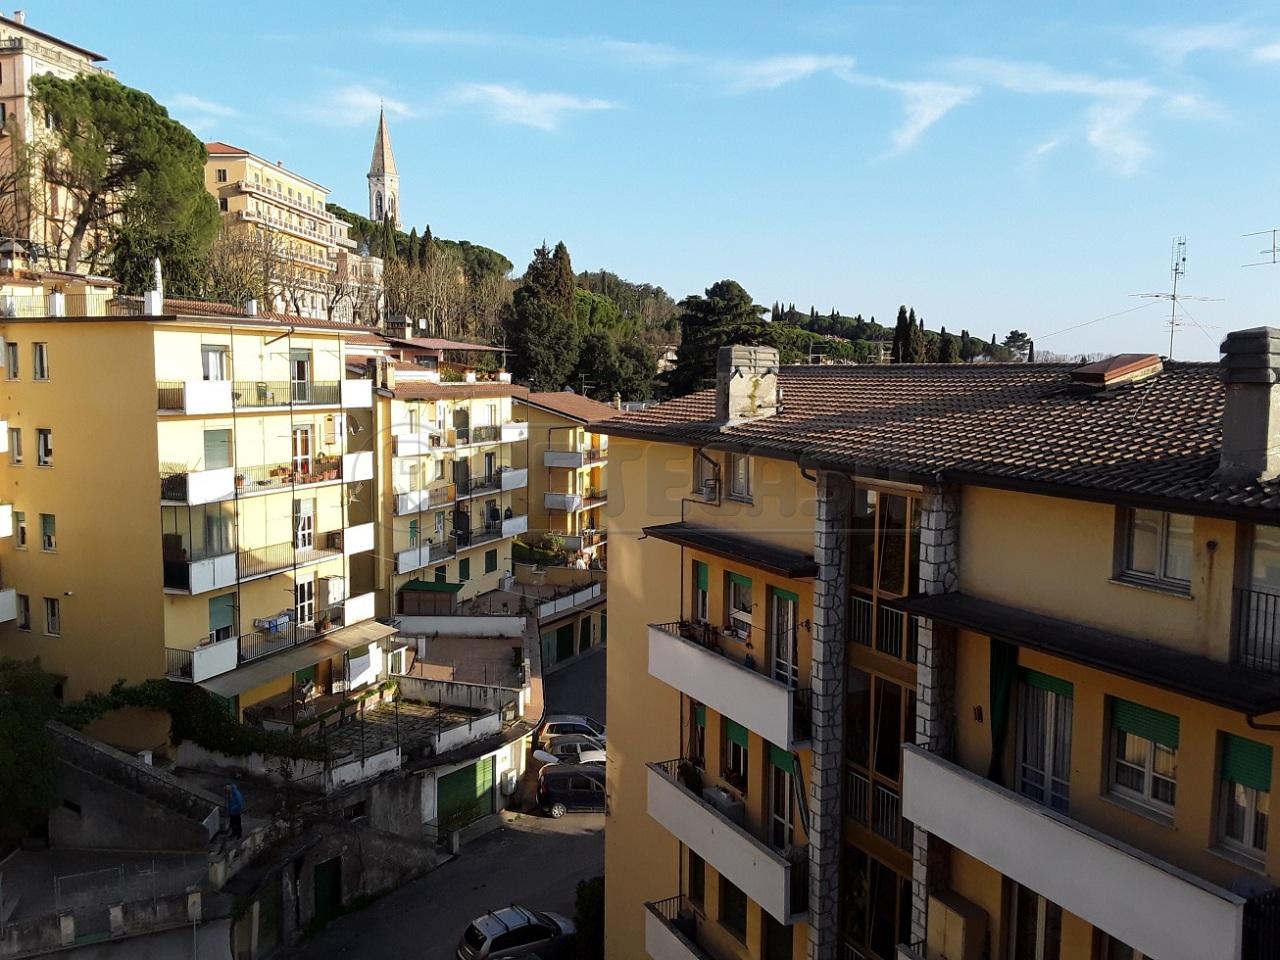 Appartamento in vendita a Perugia, 4 locali, prezzo € 145.000 | Cambio Casa.it